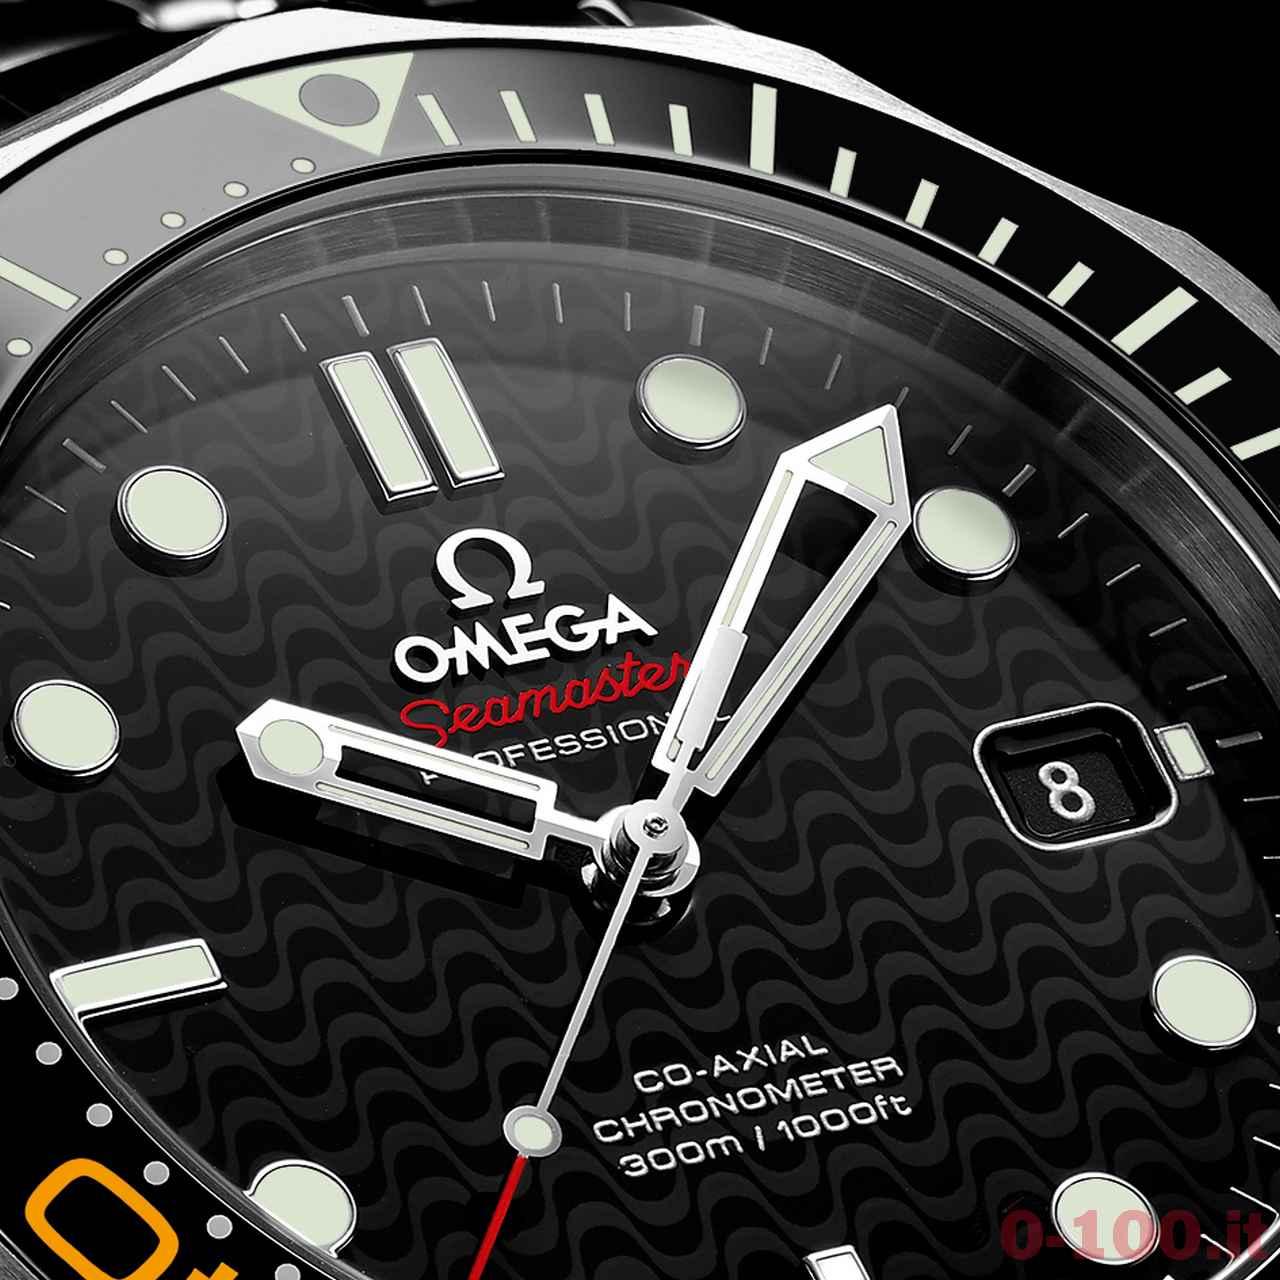 omega-seamaster-diver-300m-rio-2016-limited-edition-prezzo-price_0-1003